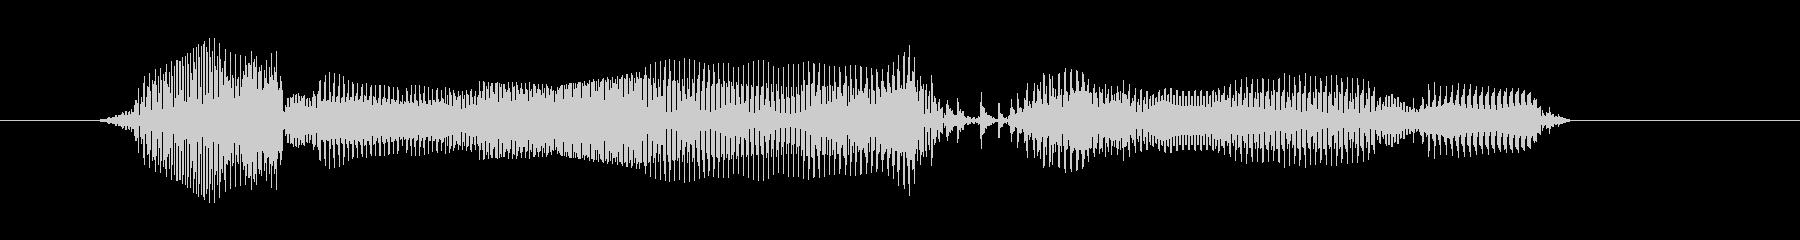 ボリュームを上げるの未再生の波形